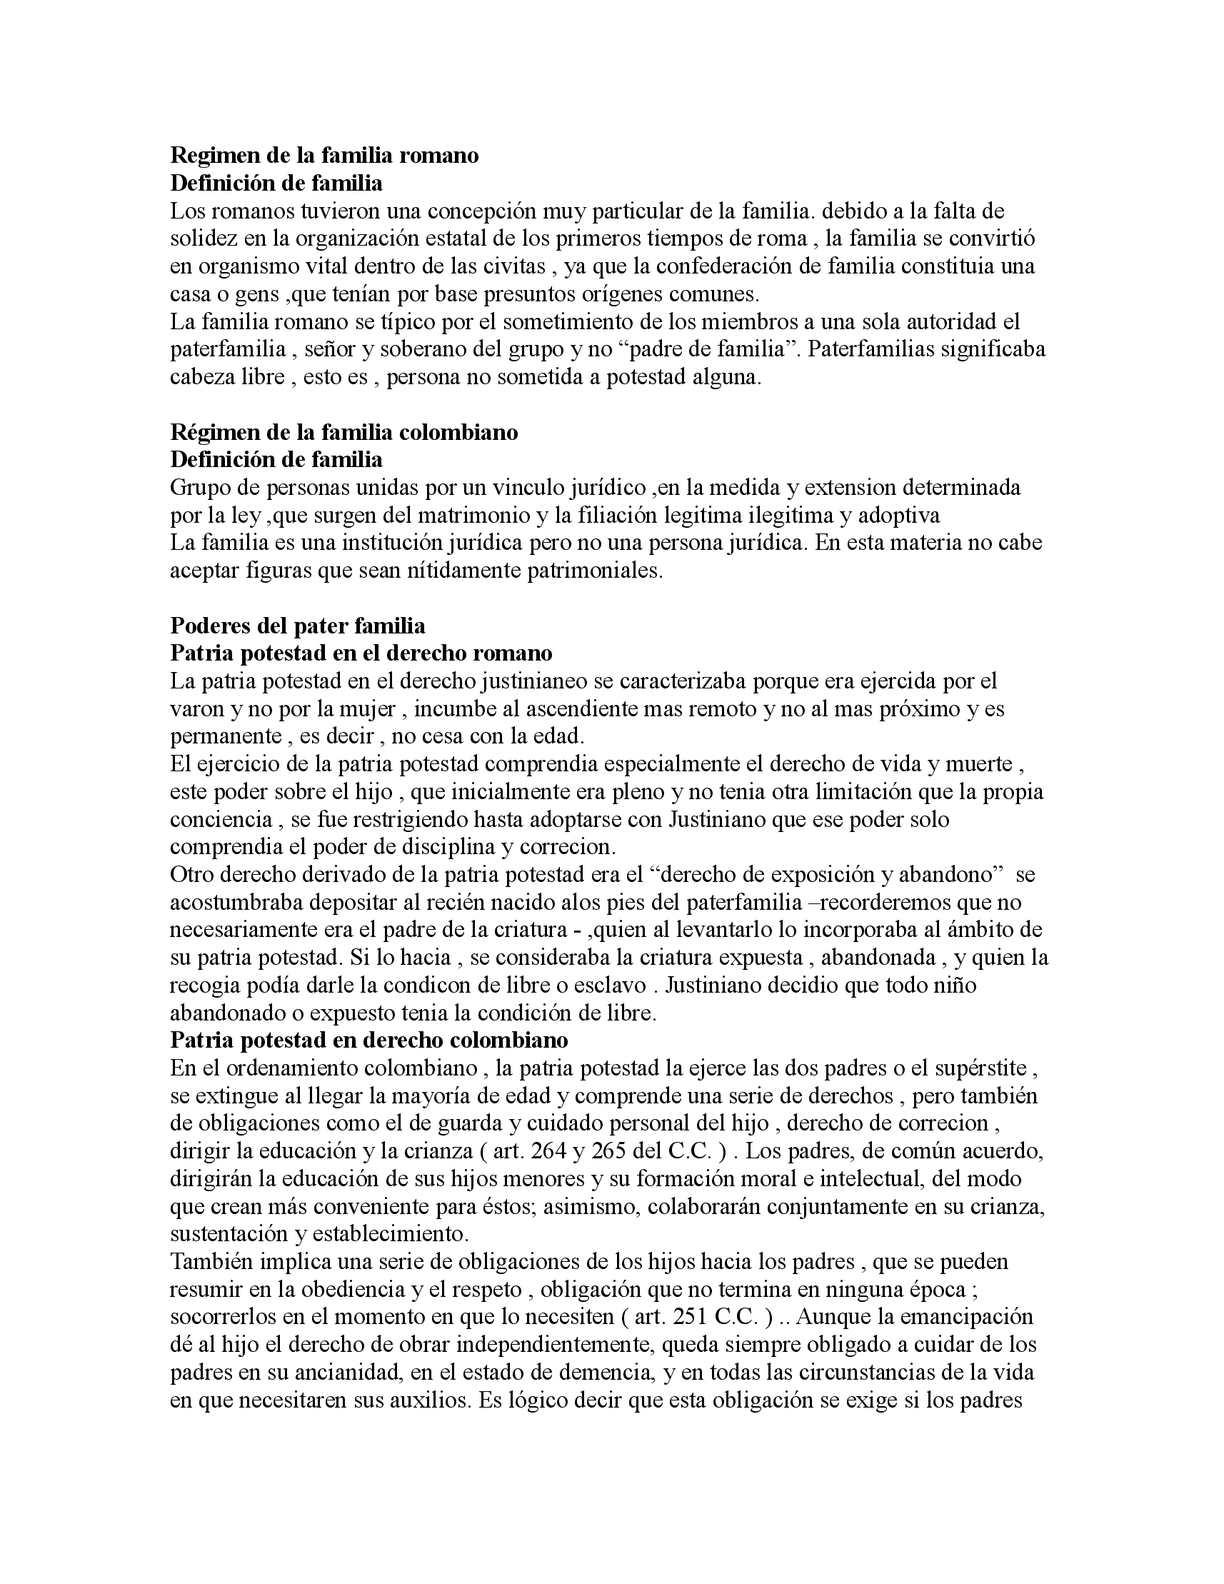 Diferencias Entre Matrimonio Romano Y El Venezolano : Calaméo regimen de la familia romano docx